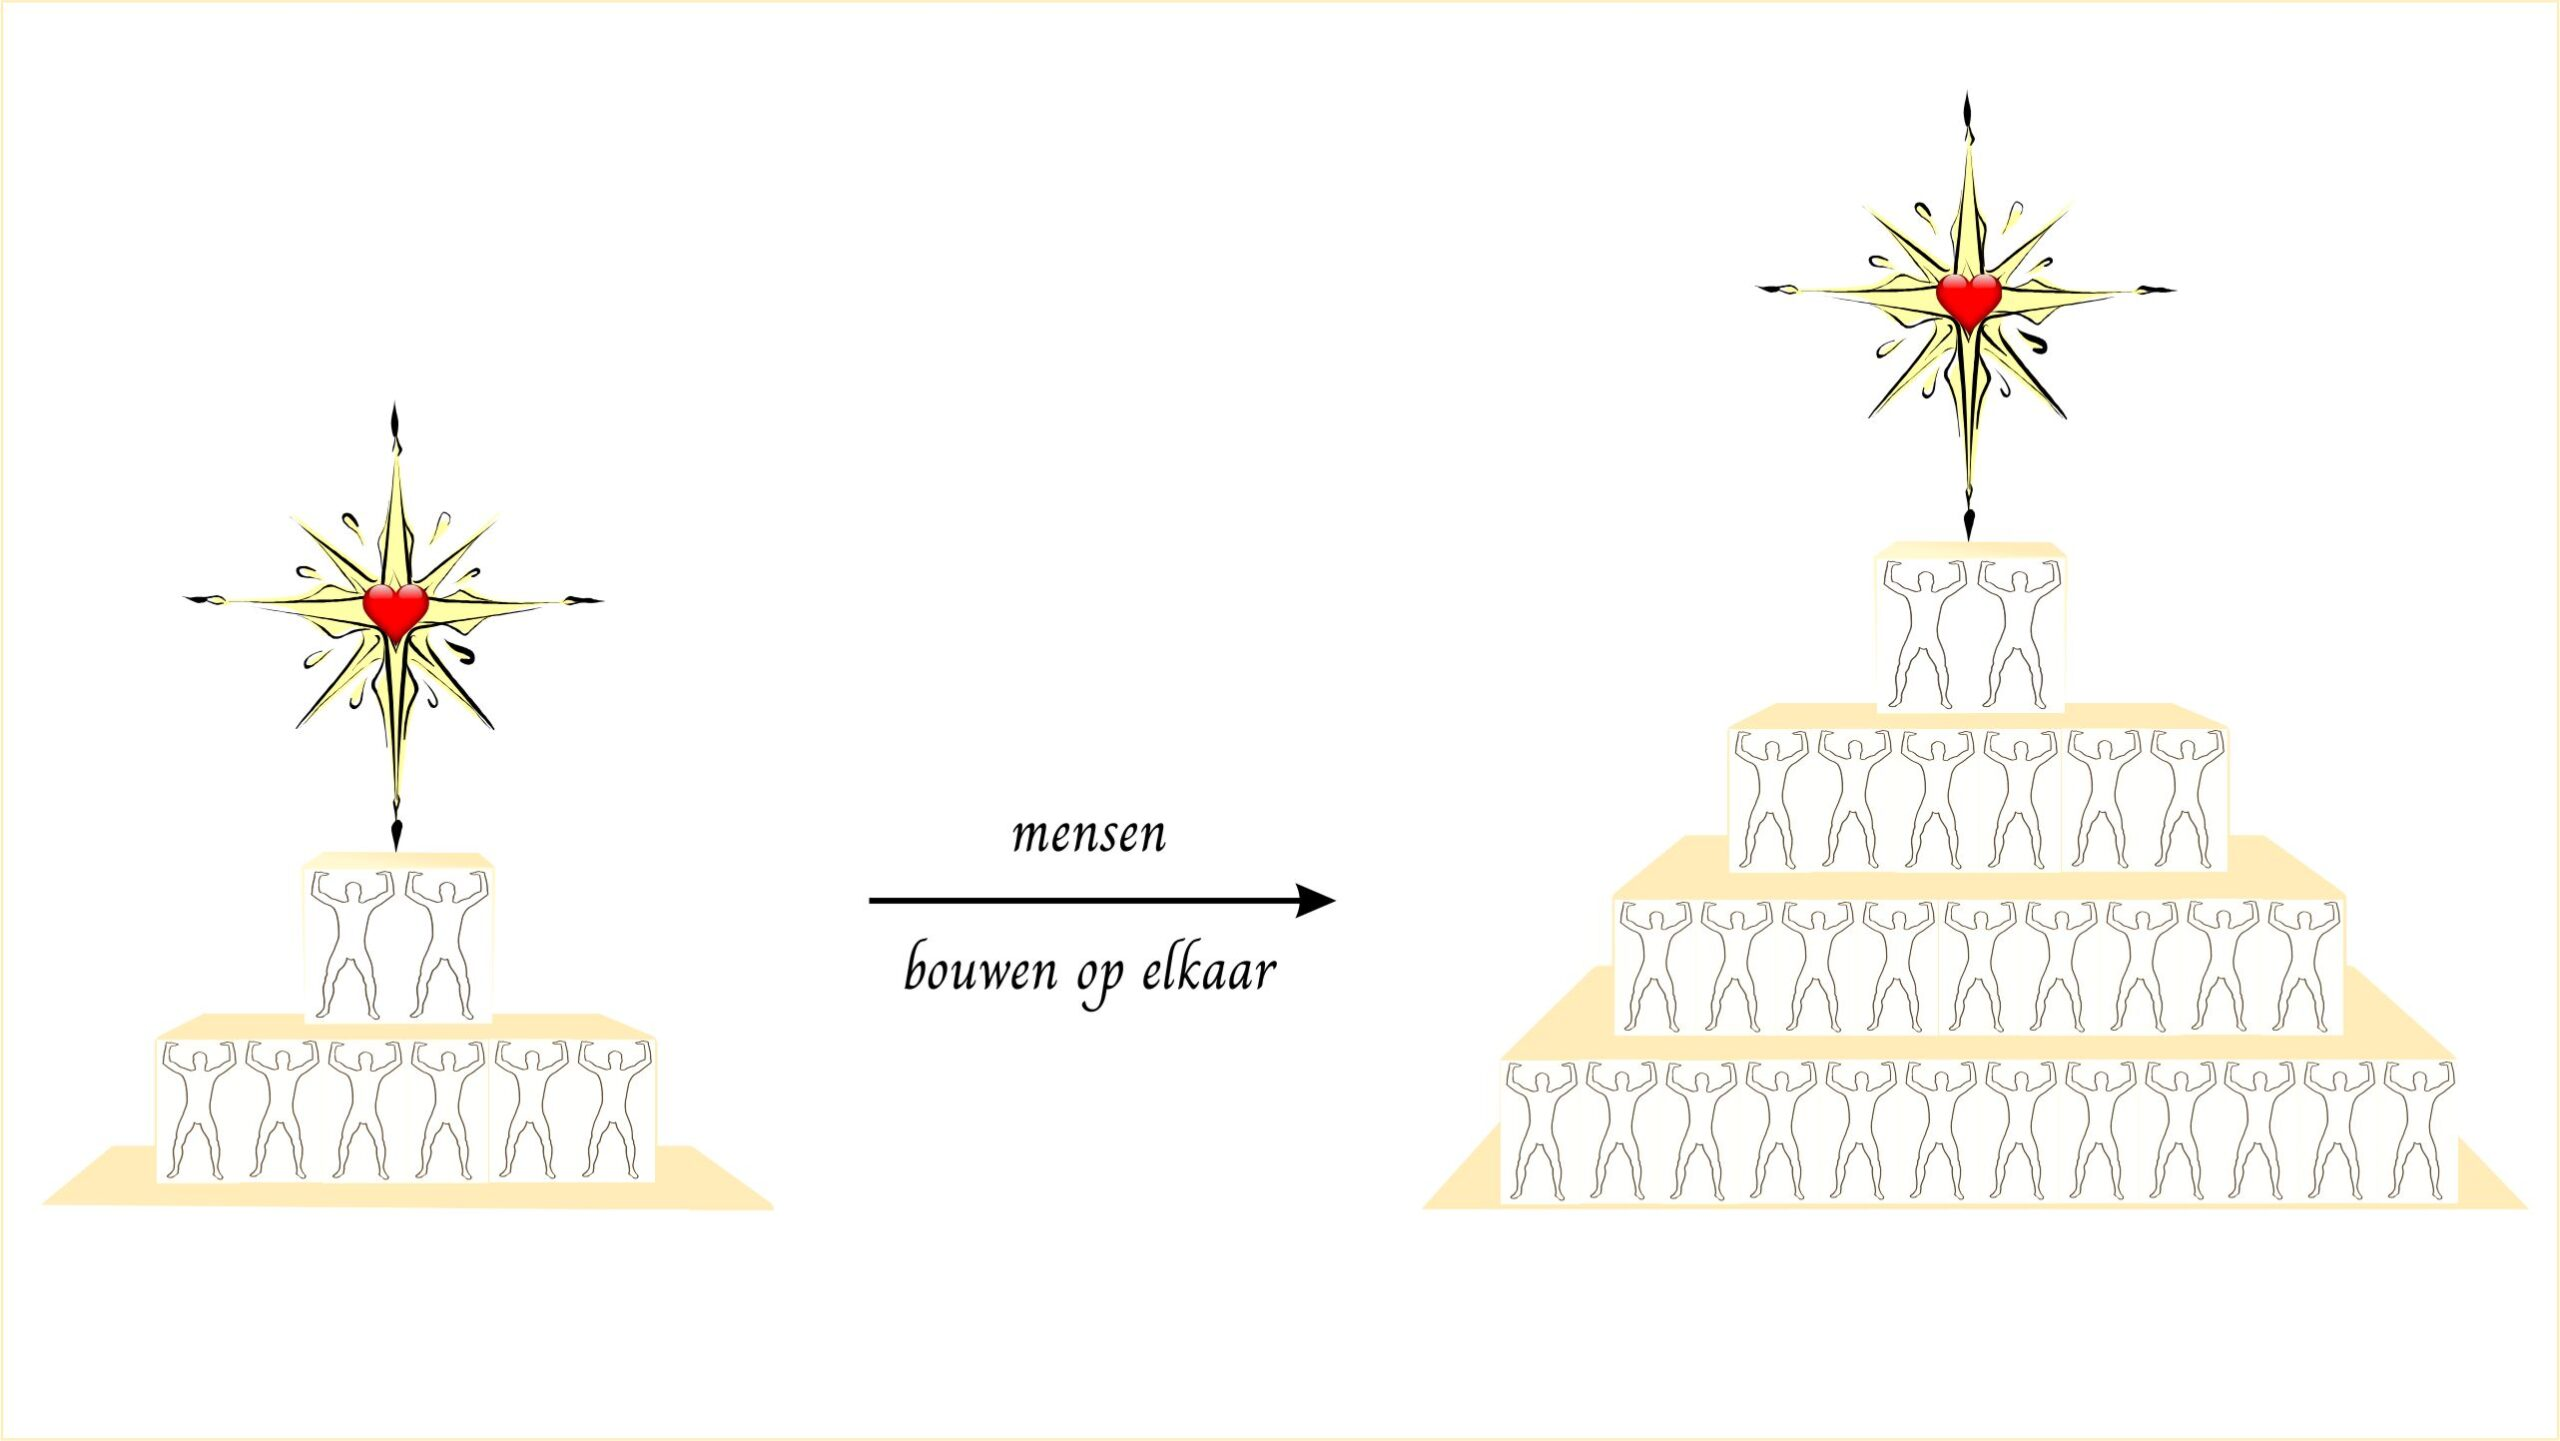 De piramide van het leven